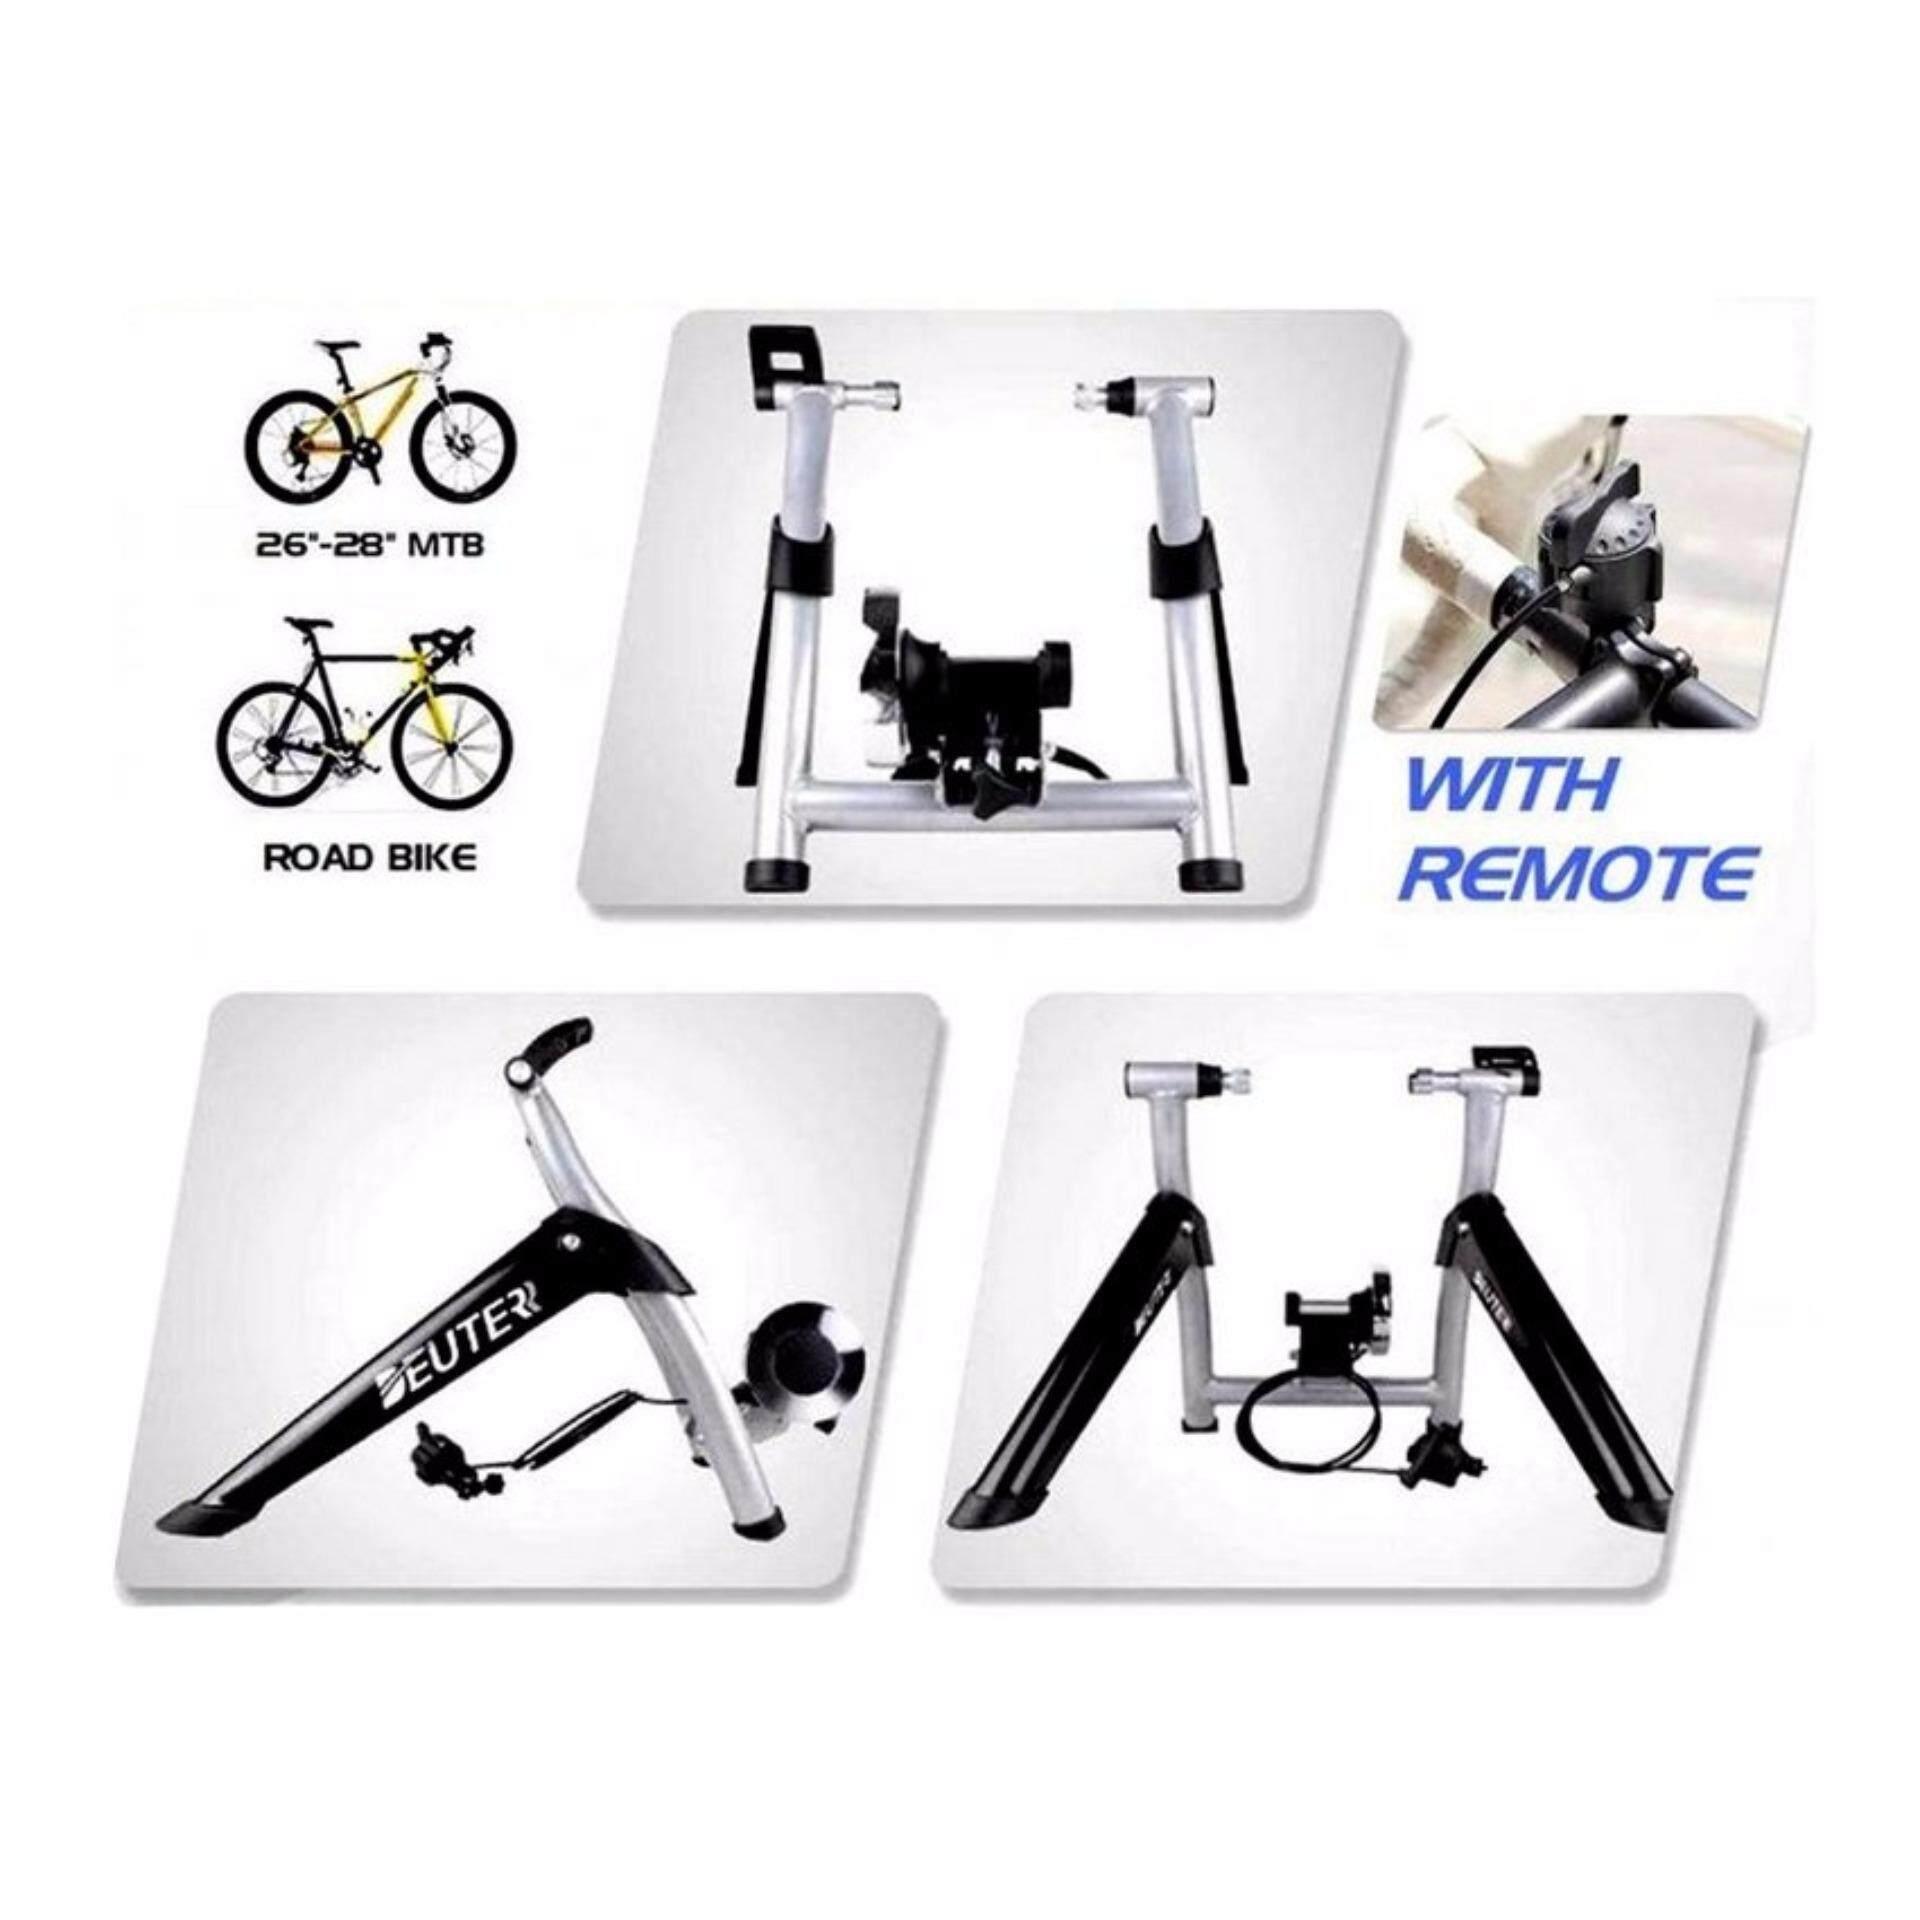 จักรยานออกกำลังกาย  Unbranded/Generic รุ่น Lee Bicycle-MT-06BLUE ลดโปรโมชั่น -72%